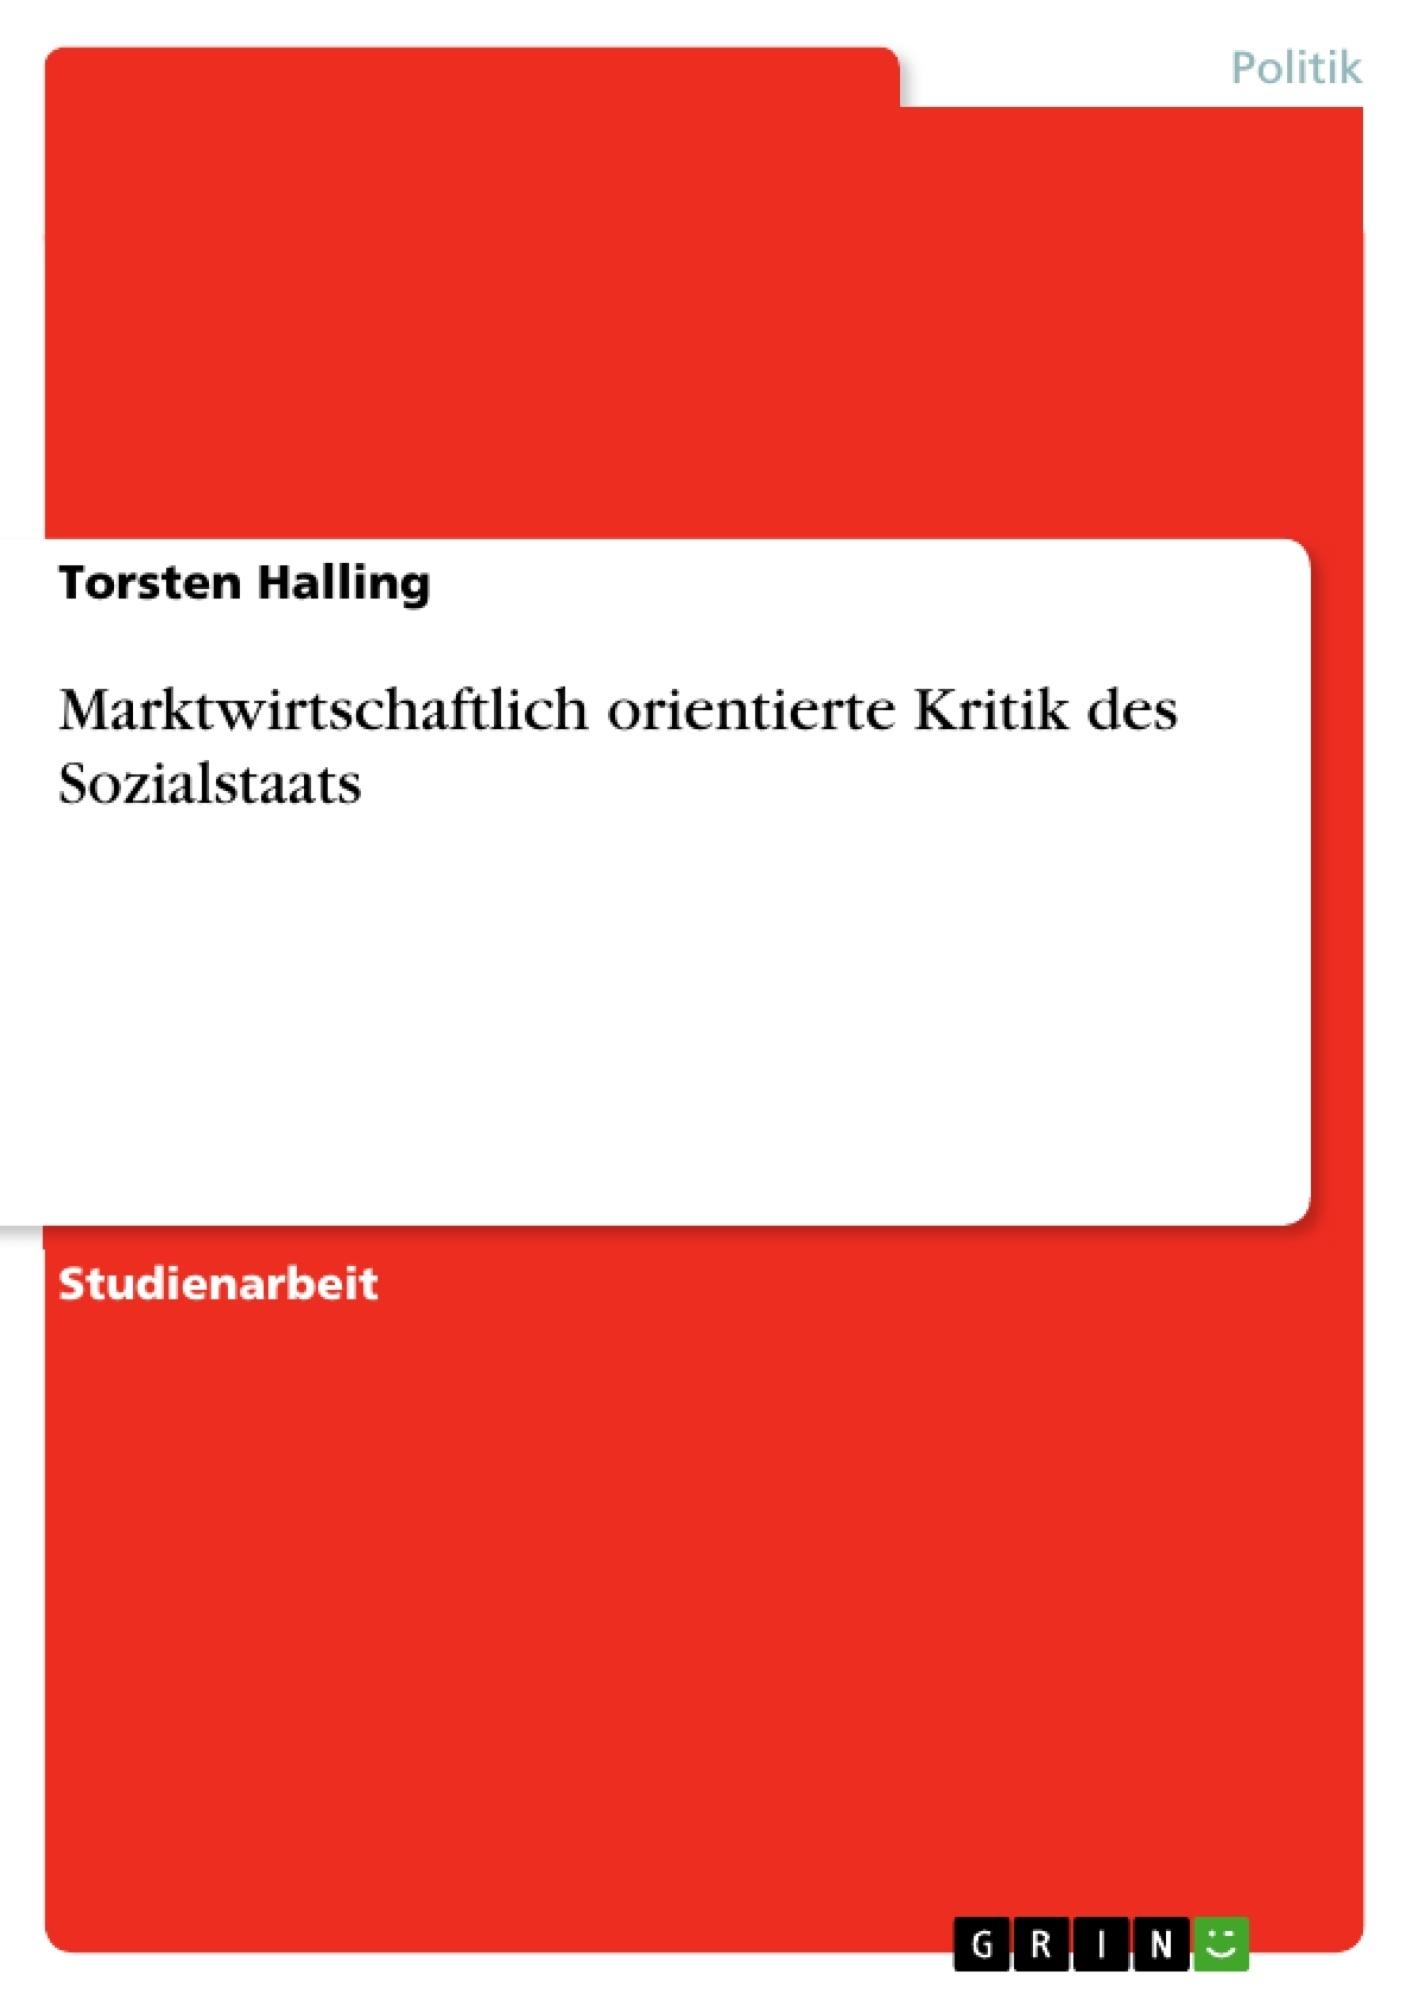 Titel: Marktwirtschaftlich orientierte Kritik des Sozialstaats